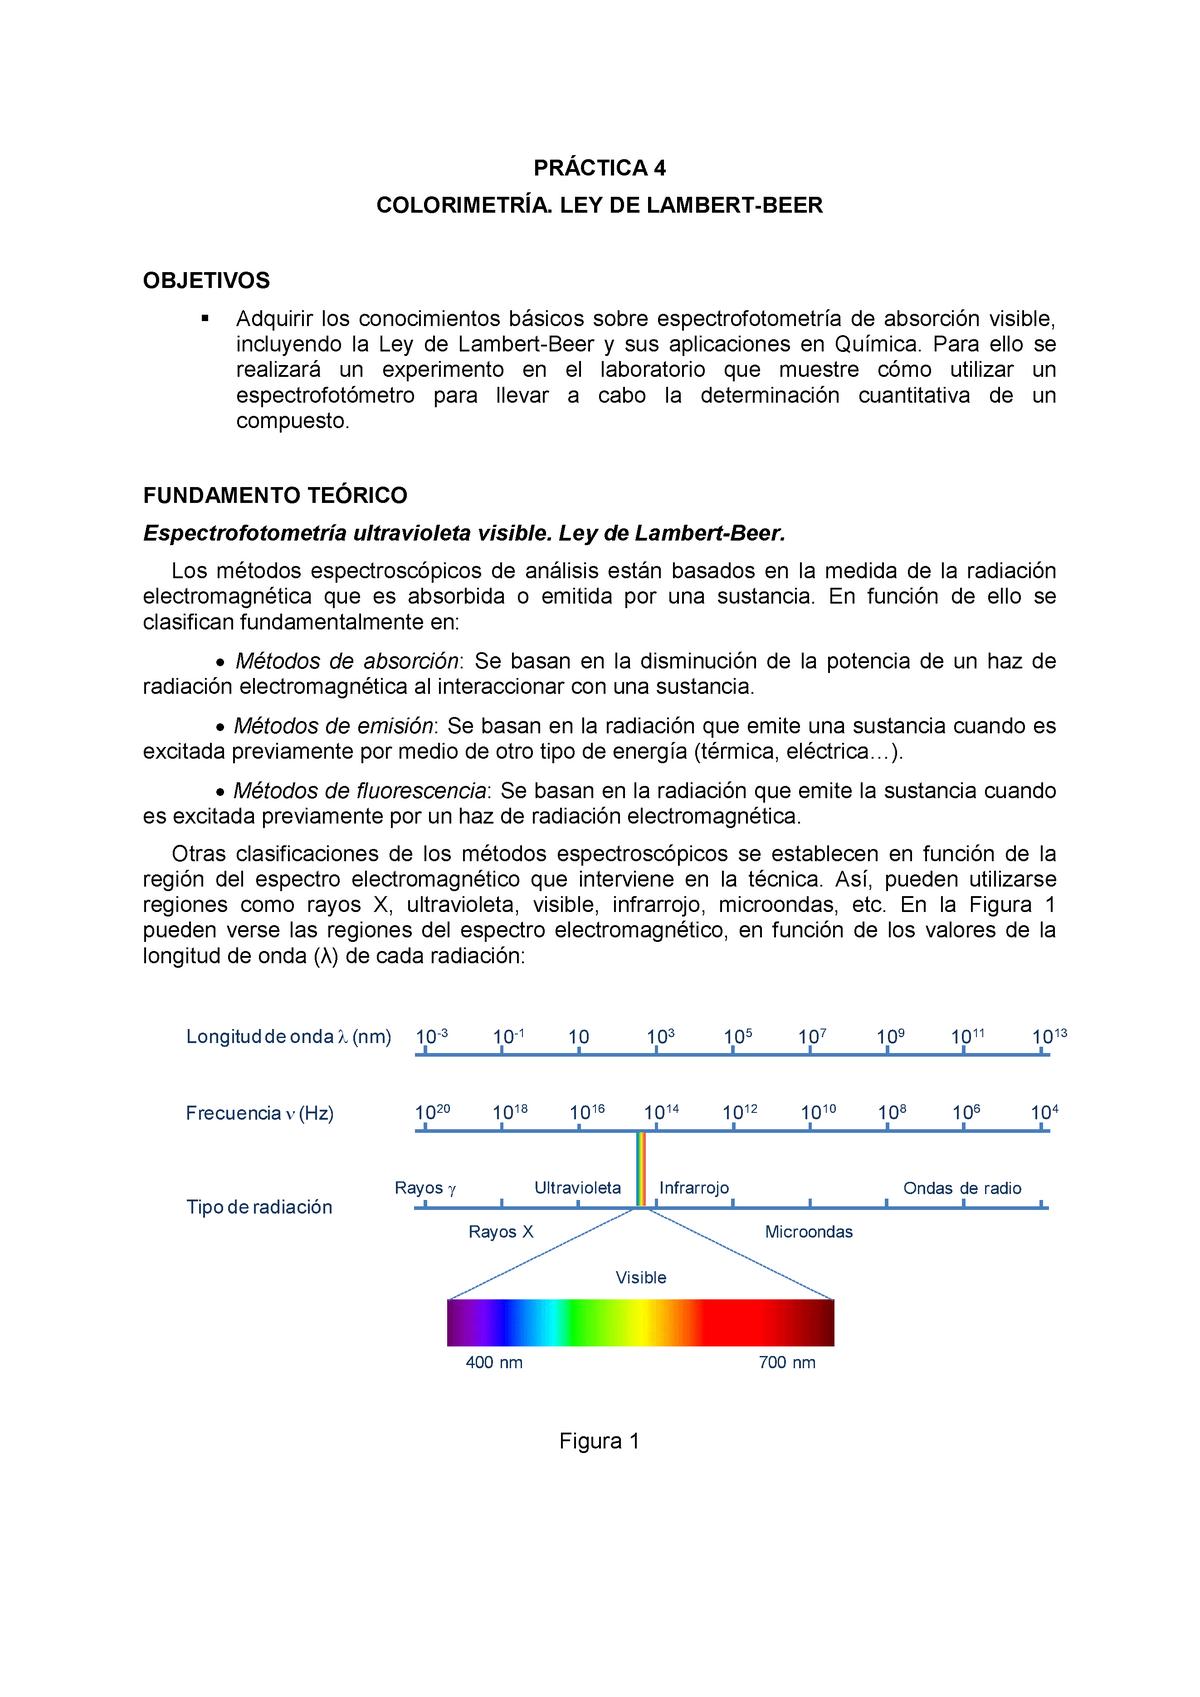 189cd52bd Practica 4 Colorimetria Ley de Lambert Beer - 09  Quimica - StuDocu